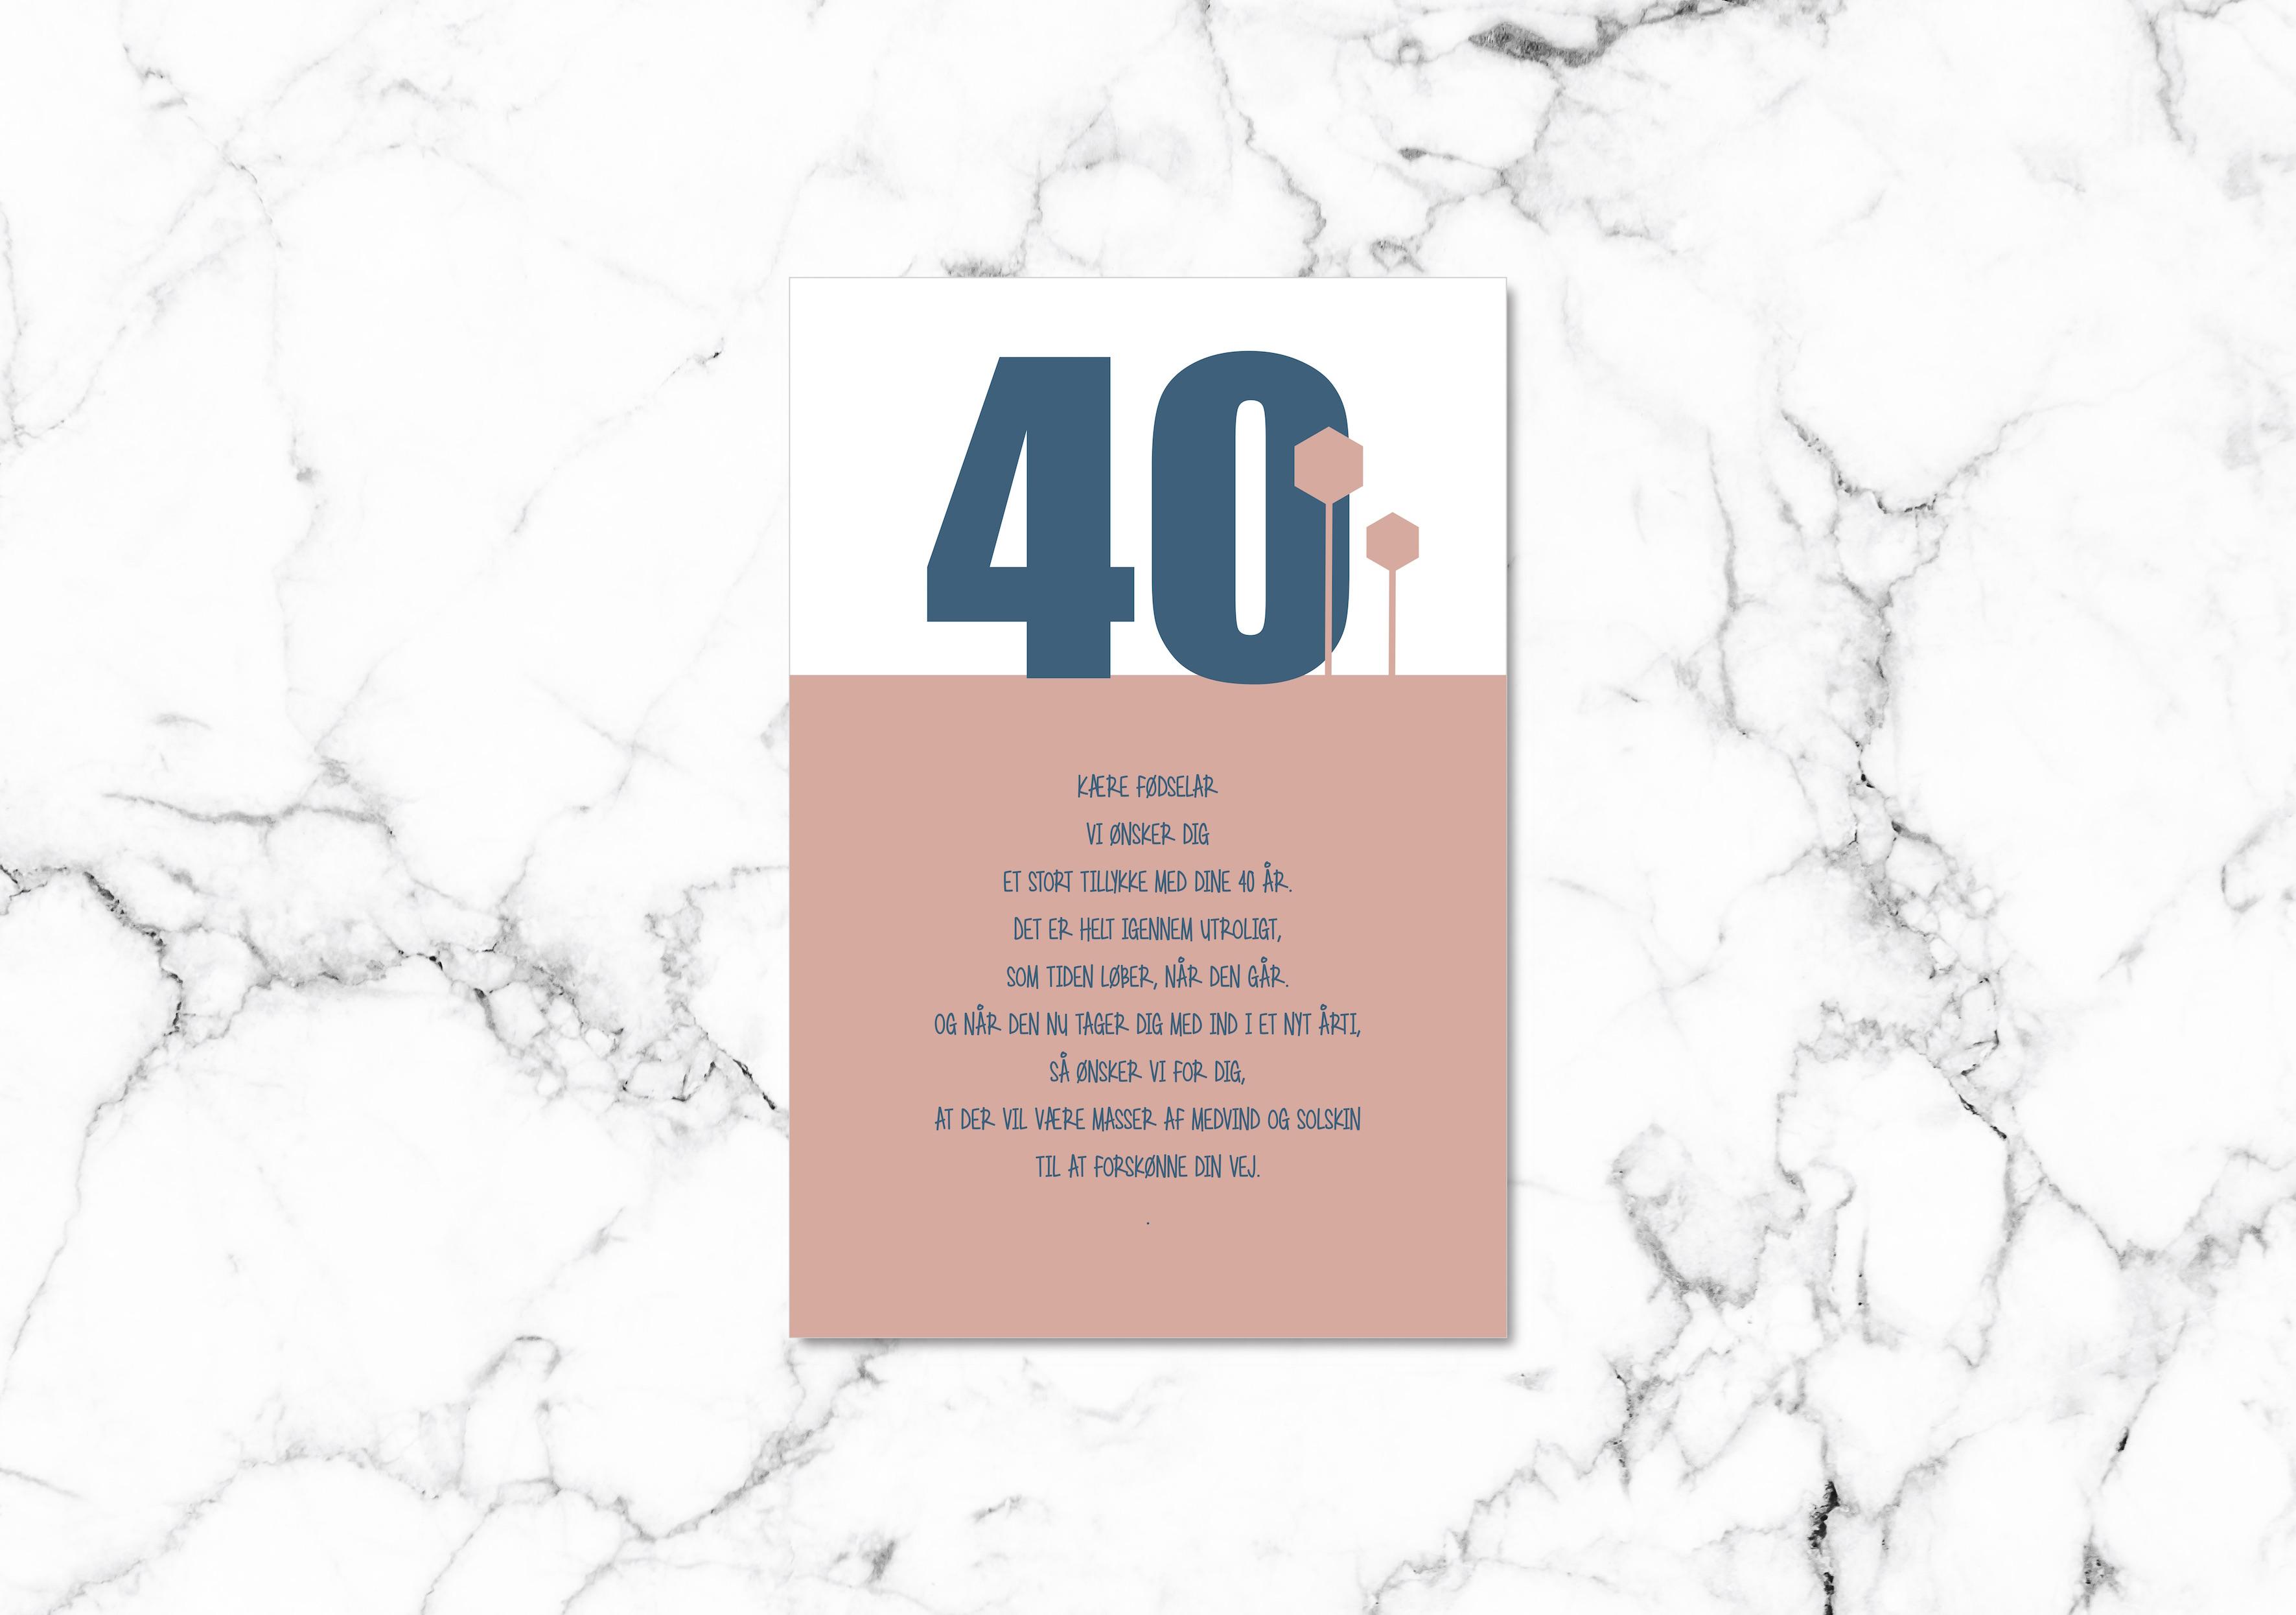 Ønsker til 50 års fødselsdag